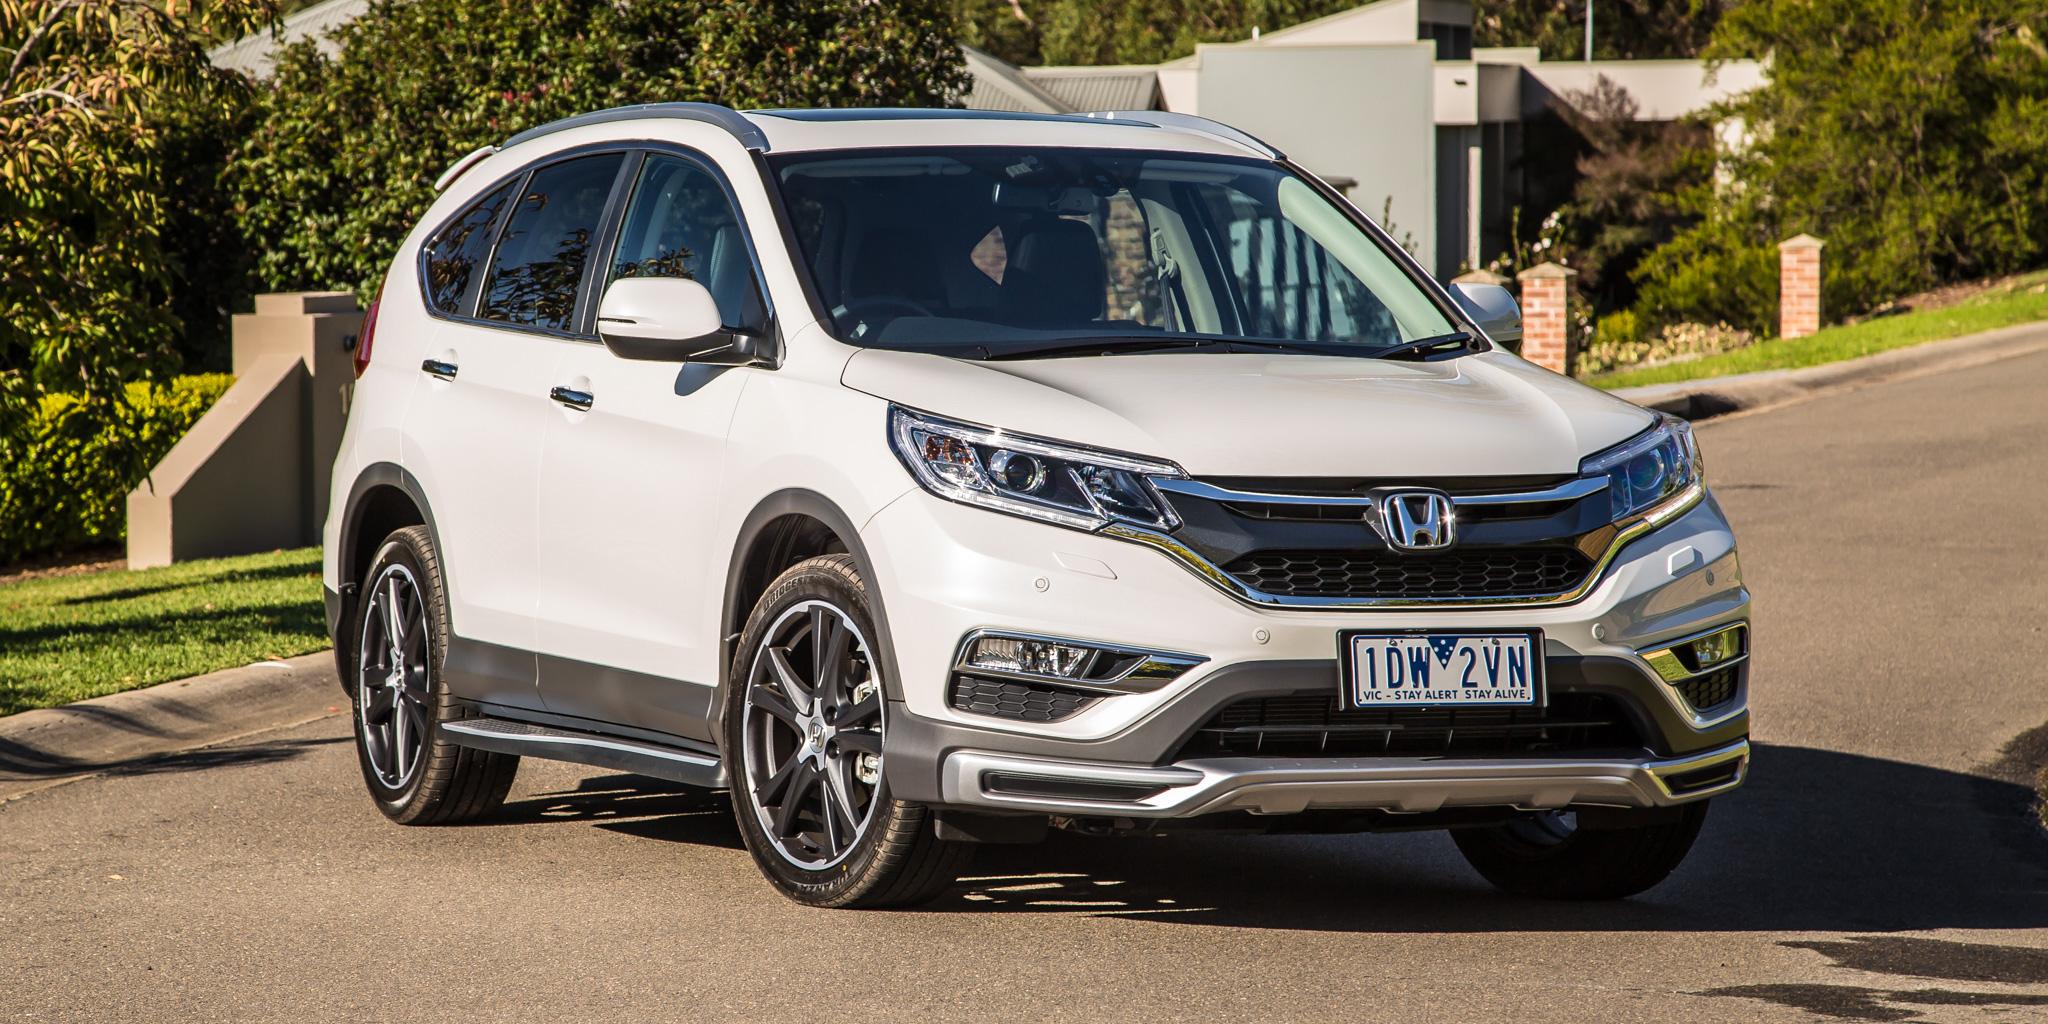 2015 Honda Cr V Series Ii Review Caradvice